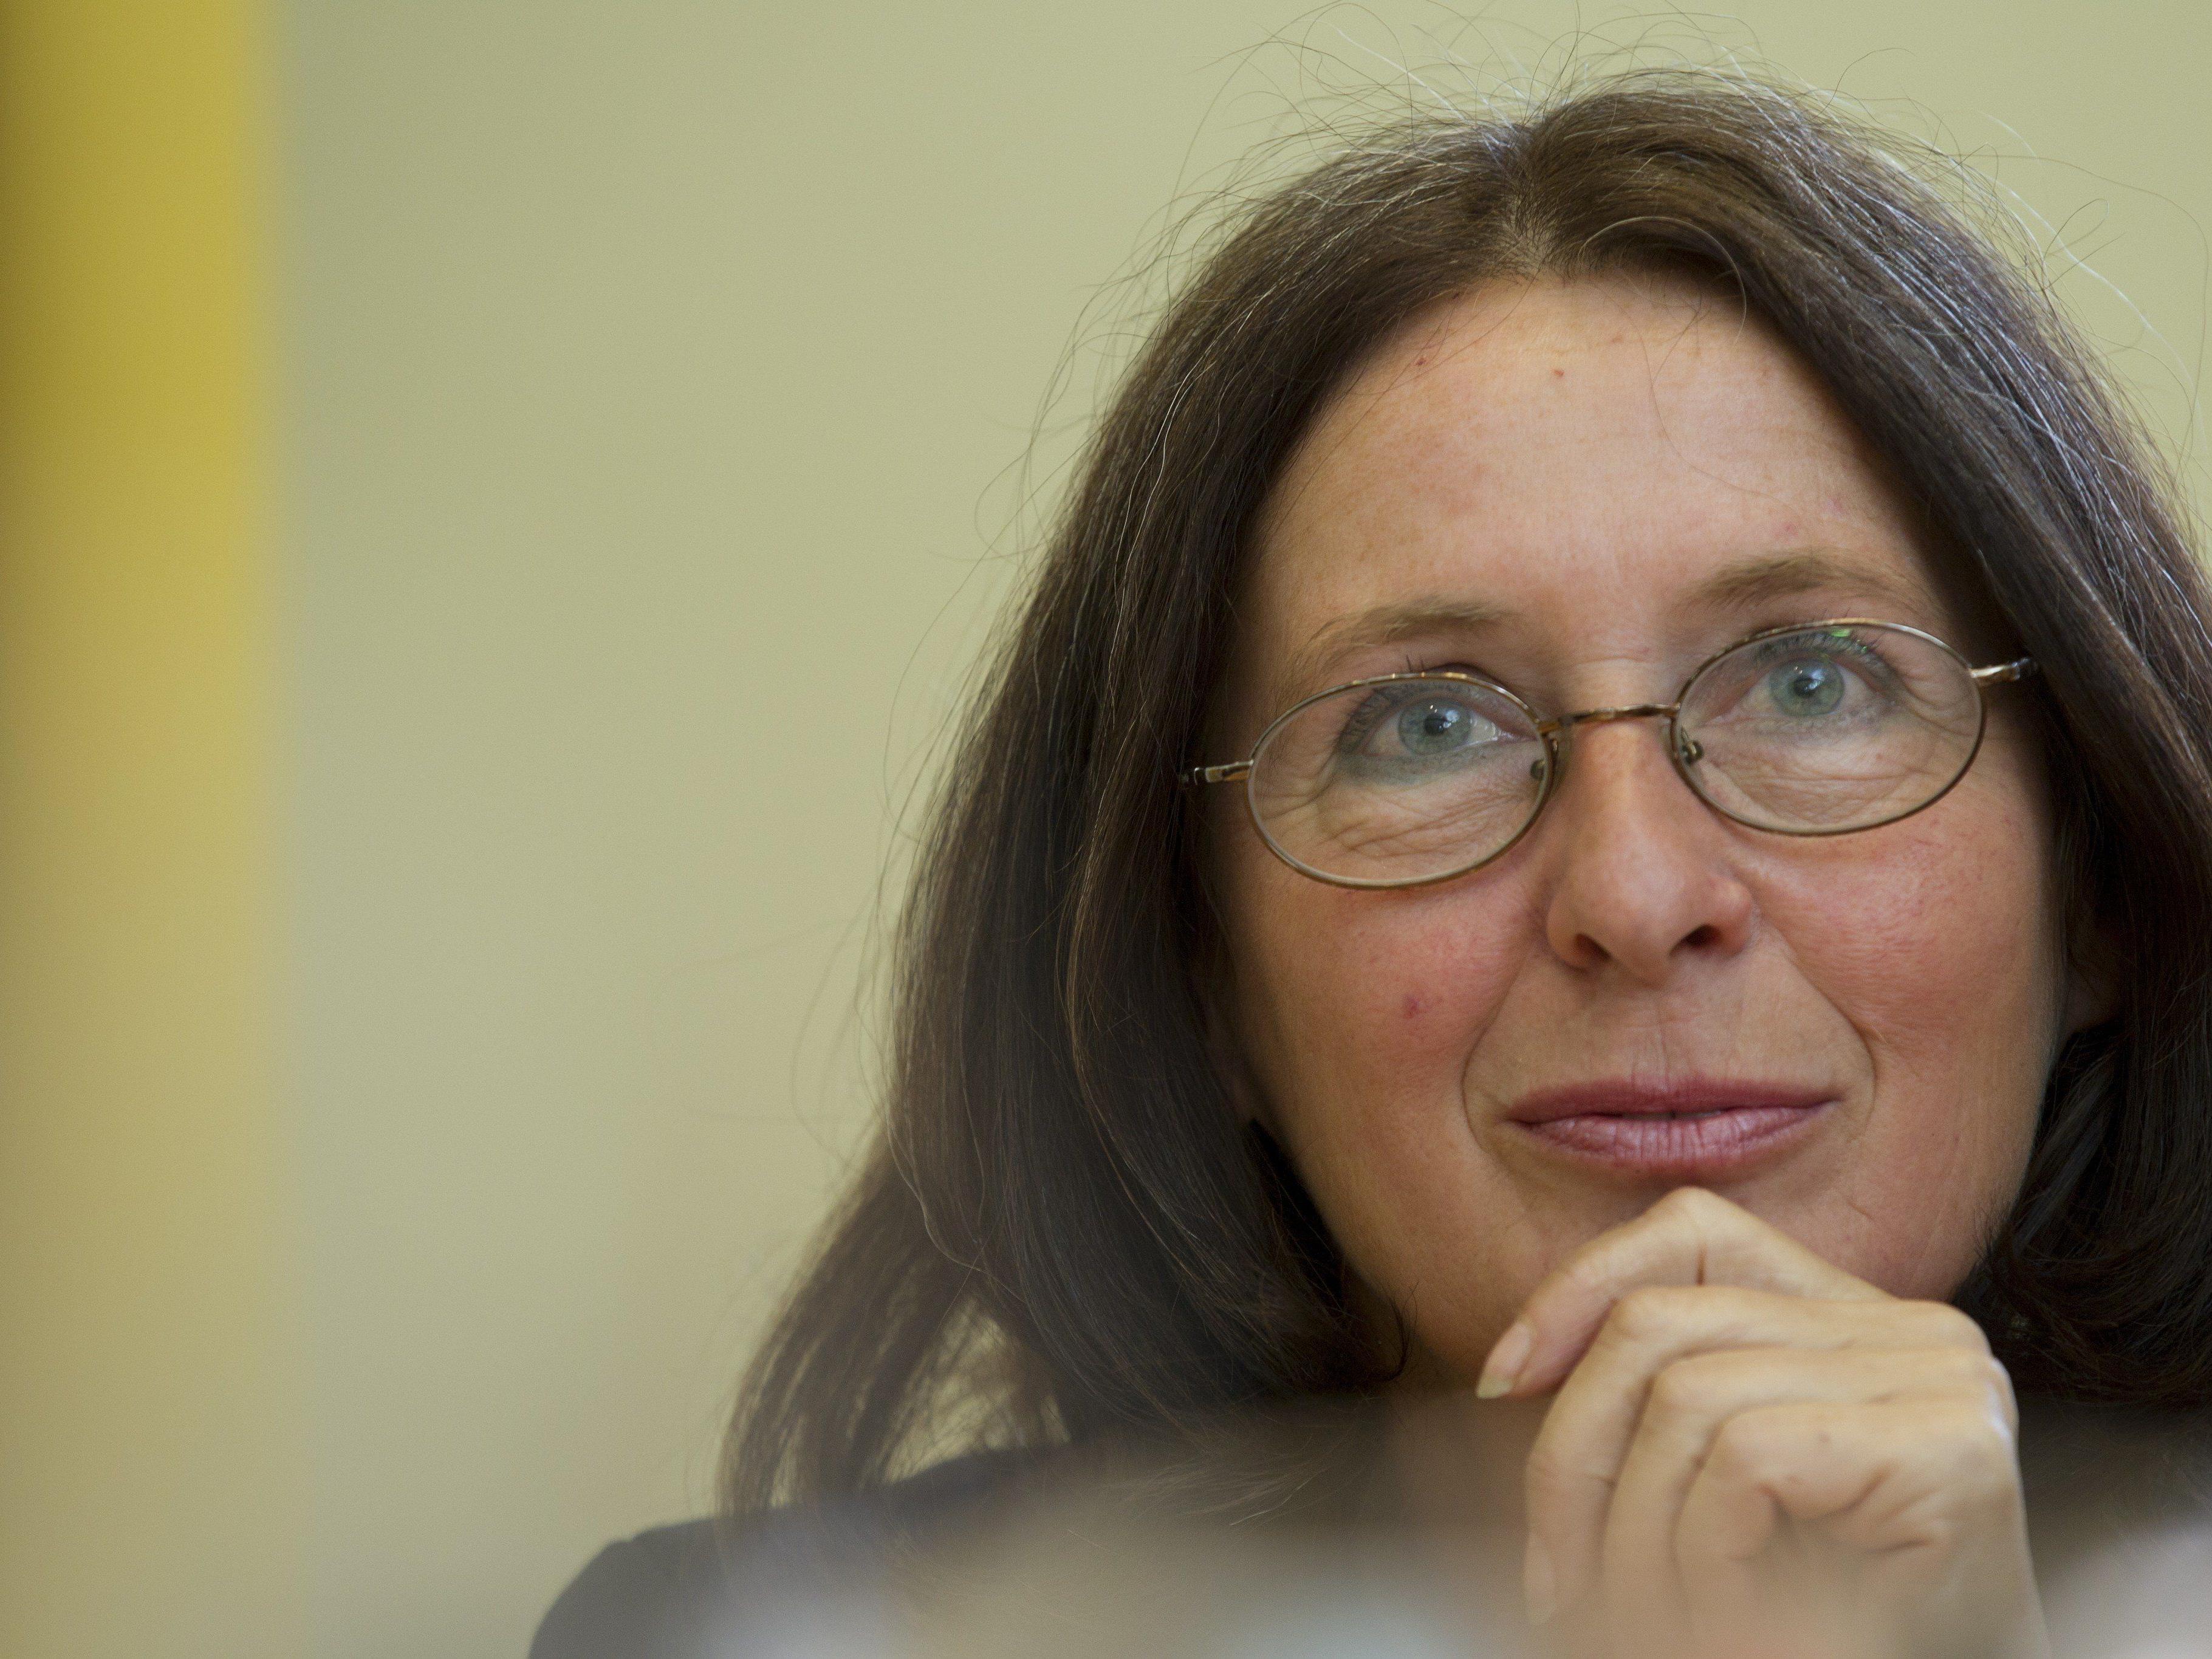 Stadträtin Elke Kahr (KPÖ) während eines Pressegesprächs der KPÖ Steiermark.